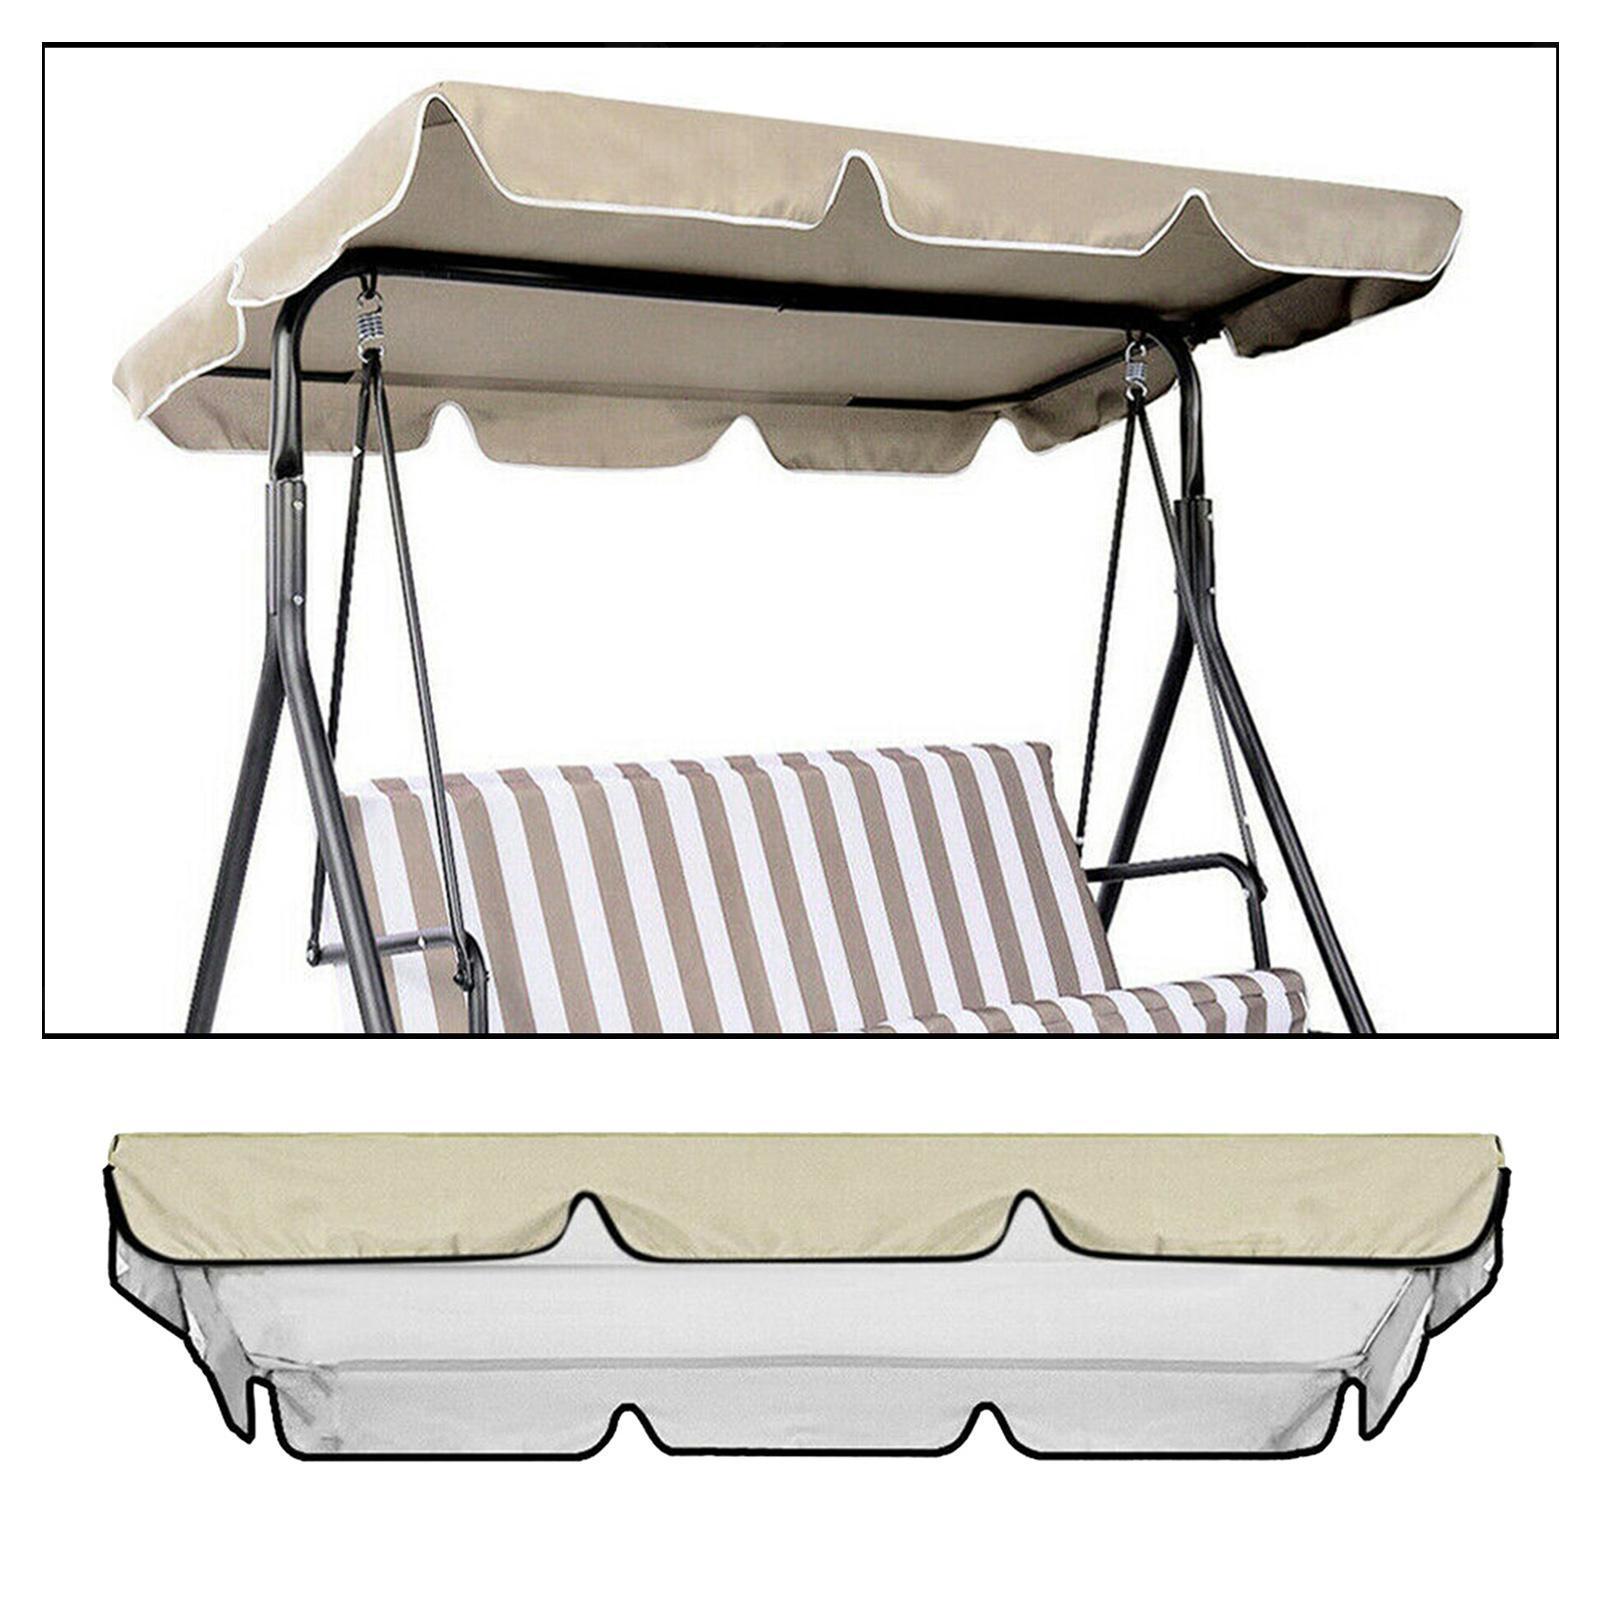 miniatura 49 - Copertura superiore della sedia a dondolo da giardino per esterni con